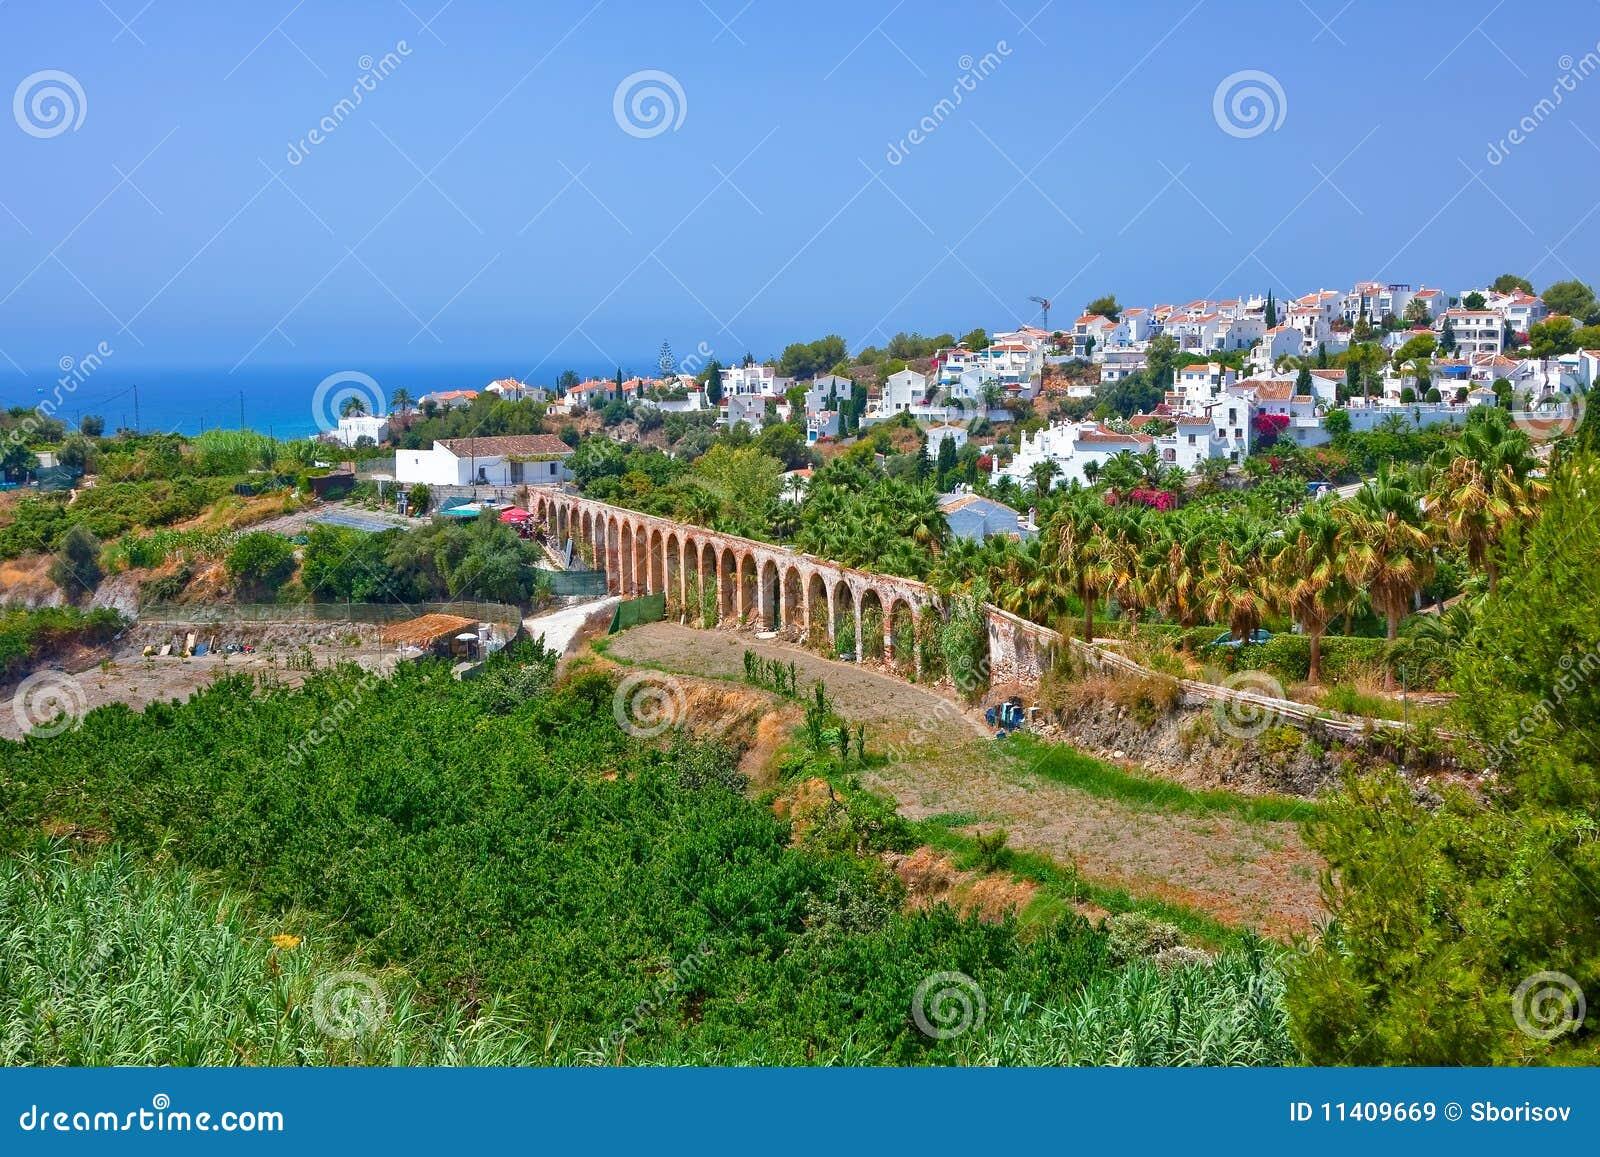 Spanish Landscape Royalty Free Stock Images Image 11409669